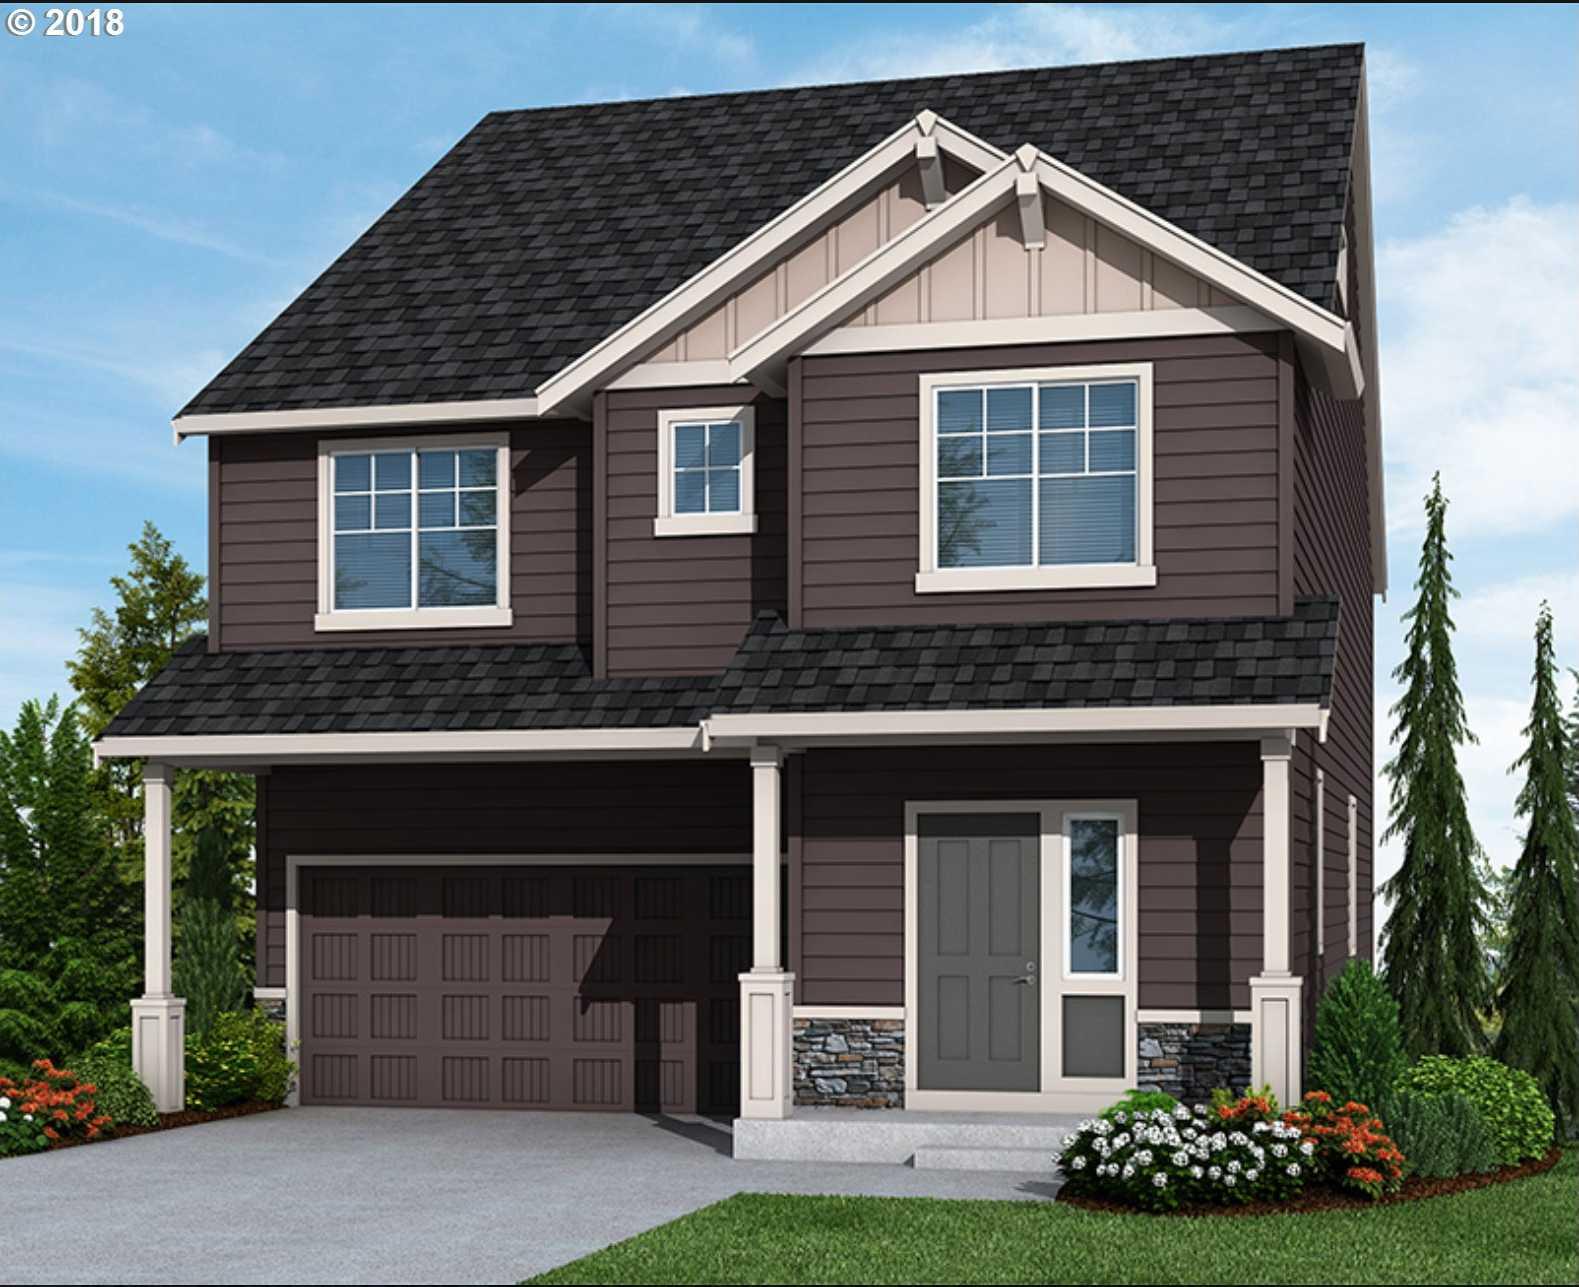 $599,995 - 5Br/4Ba -  for Sale in Abbey Creek In Bethany, Portland